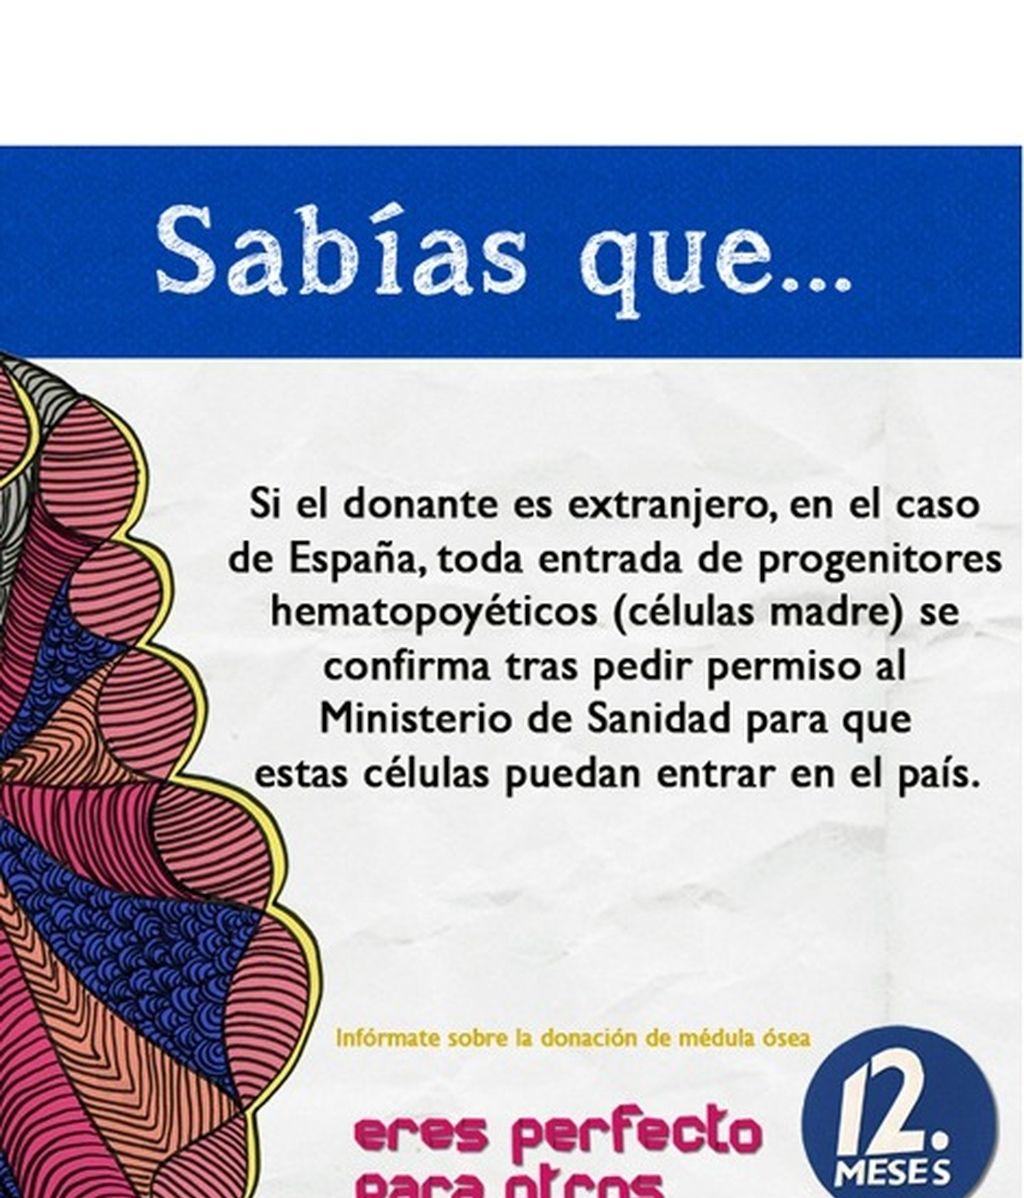 El REDMO, la donación, el trasplante... Infórmate.